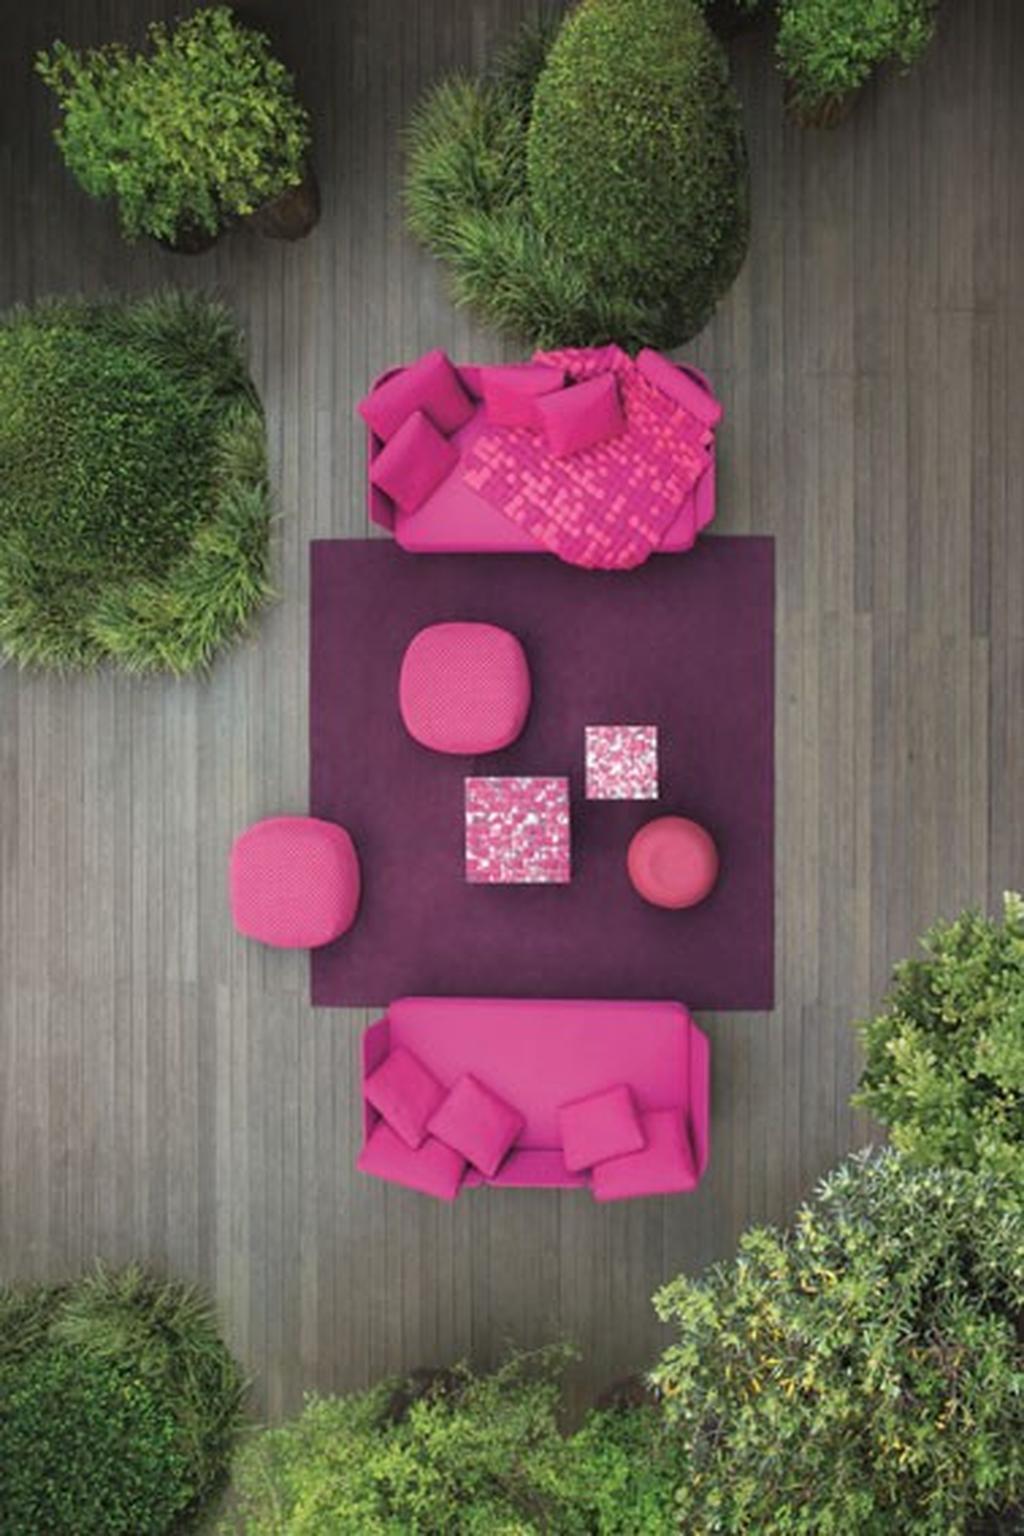 """גם השטיחים יוצאים החוצה לחצר. שטיחי חוץ של המעצבת פאולה לנטי בטולמנ'ס, צילום: יח""""צ"""